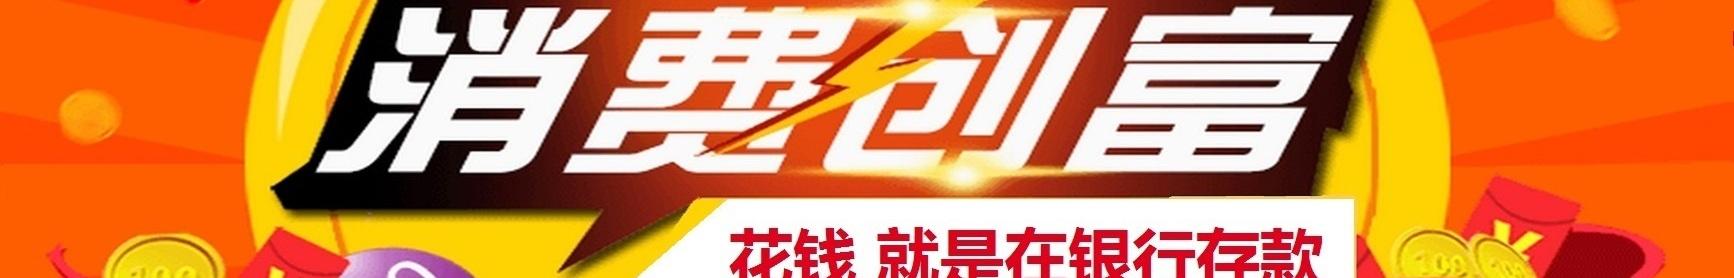 全营商务 banner